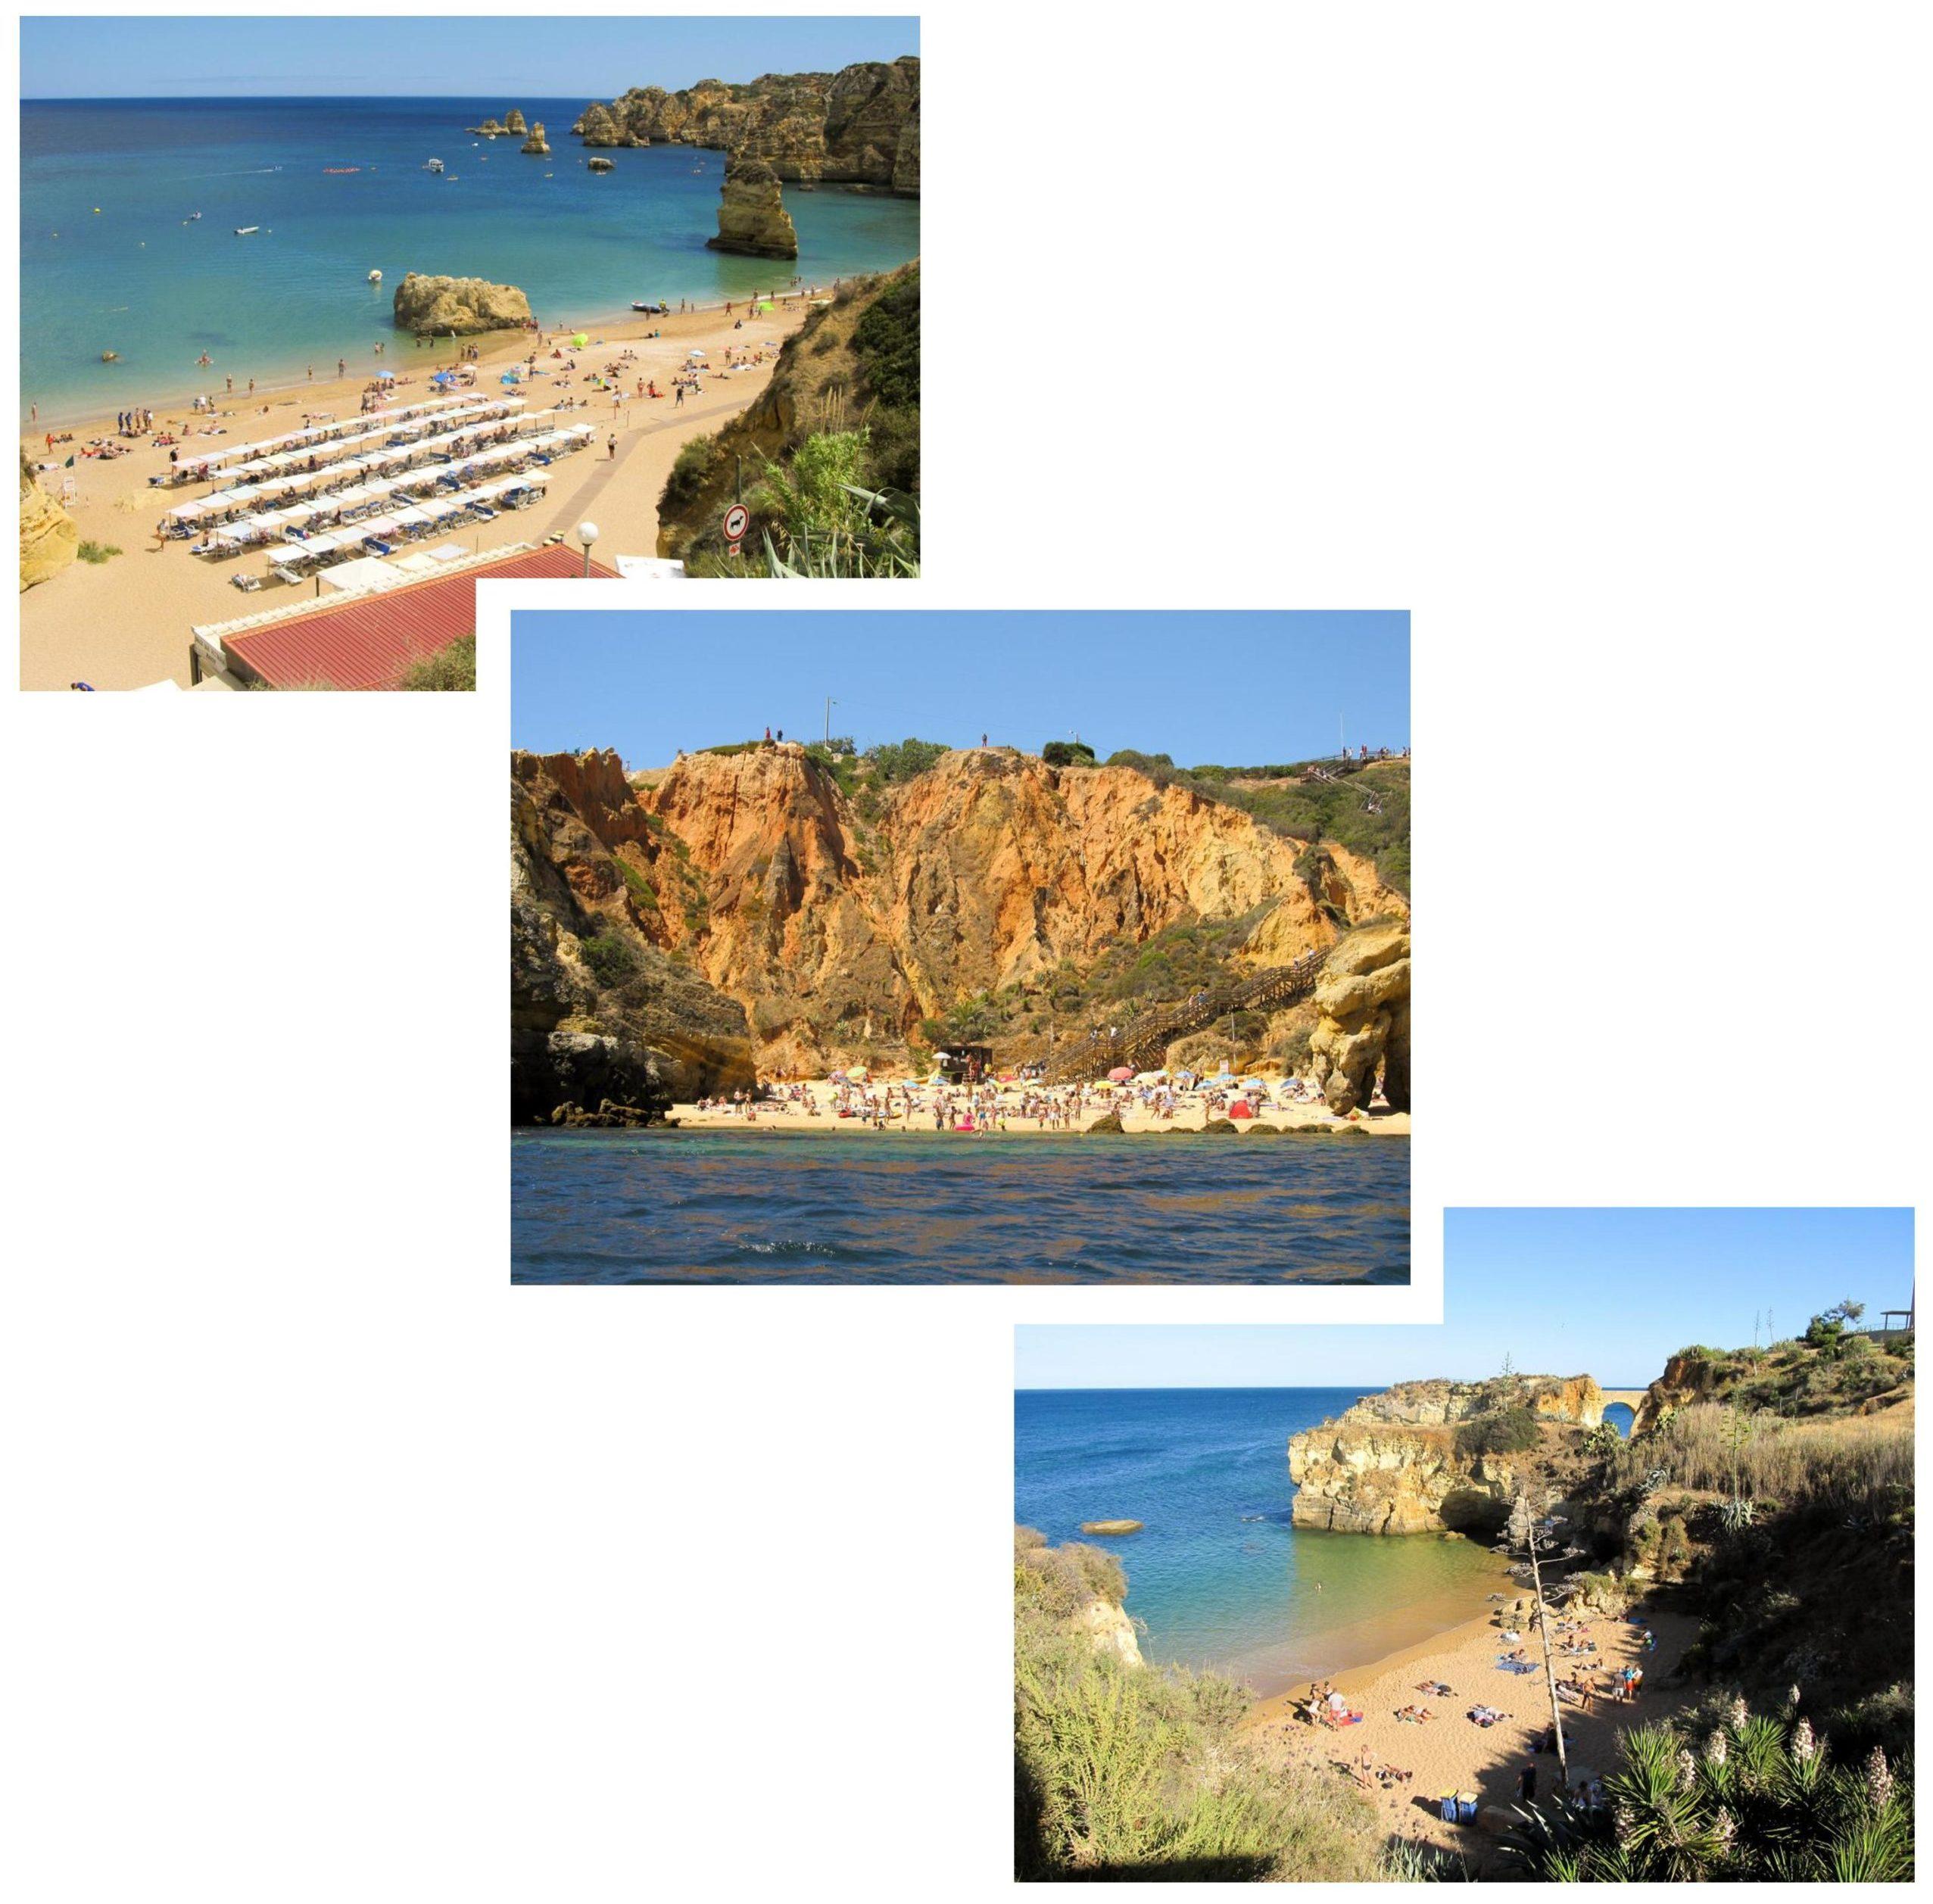 Plages Lagos | Découvrez dans cet article les plus beaux endroits, notamment les plages et villages, de la côte sud de l'Algarve au Portugal.